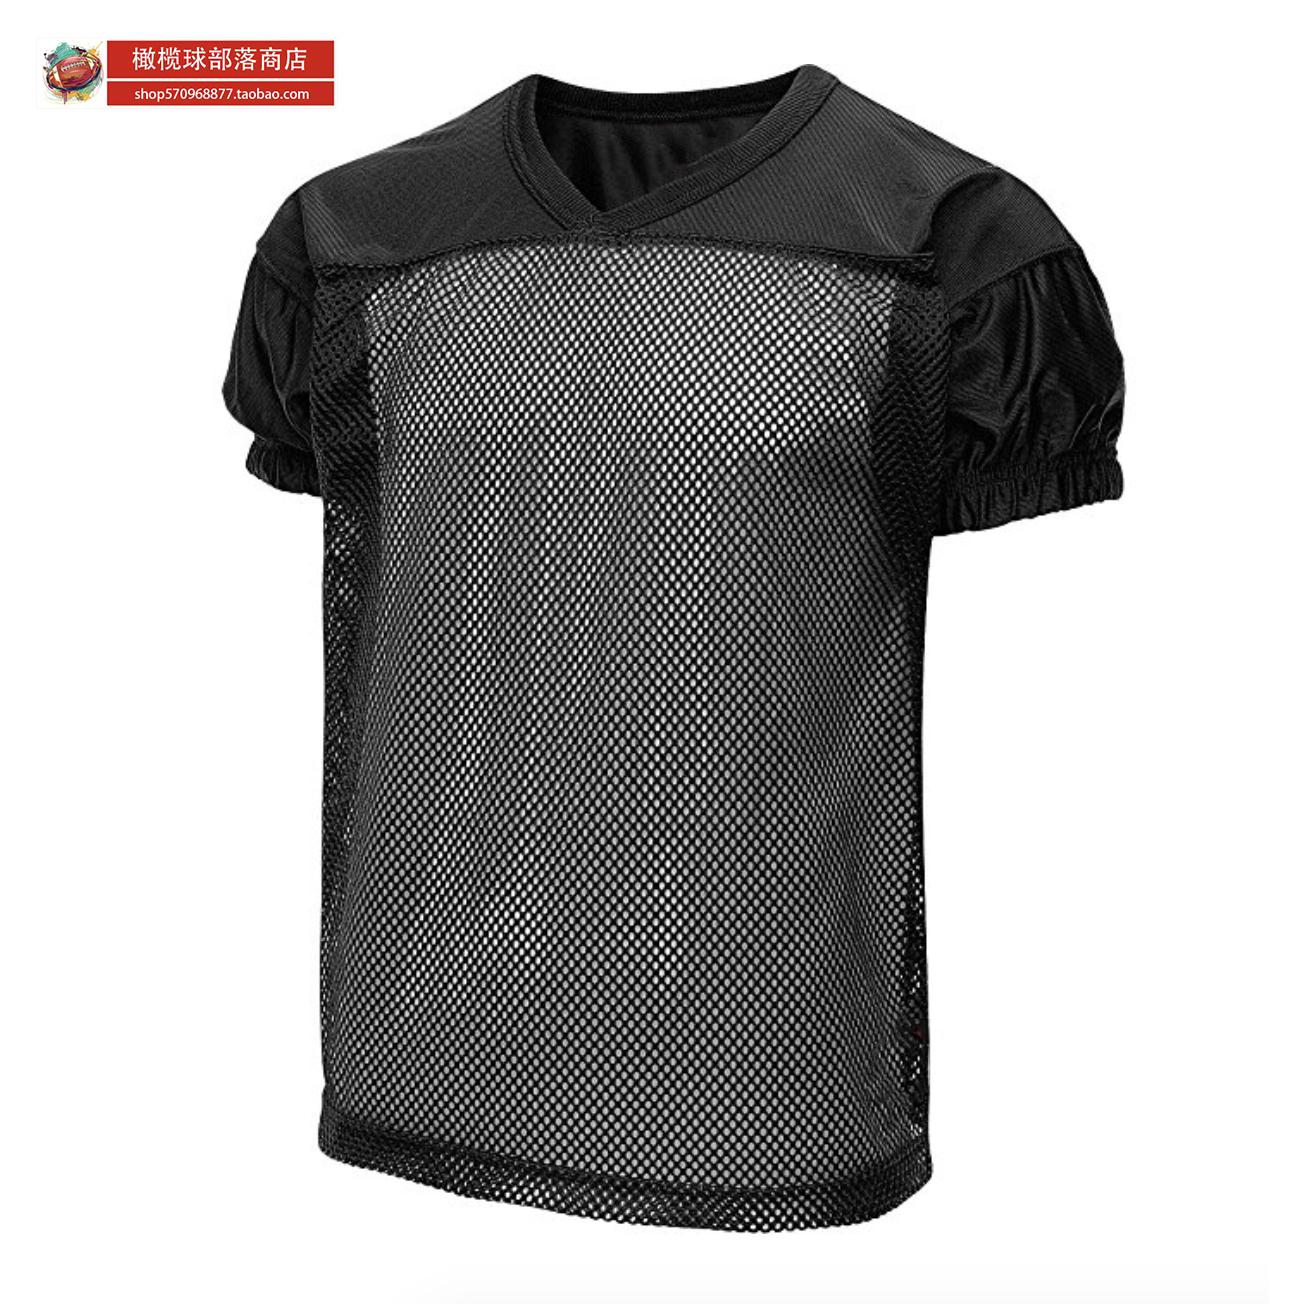 Đào tạo dành cho người lớn mặc thực hành Jersey chống-Scratch Armor Jersey bóng đá Mỹ đào tạo Gown